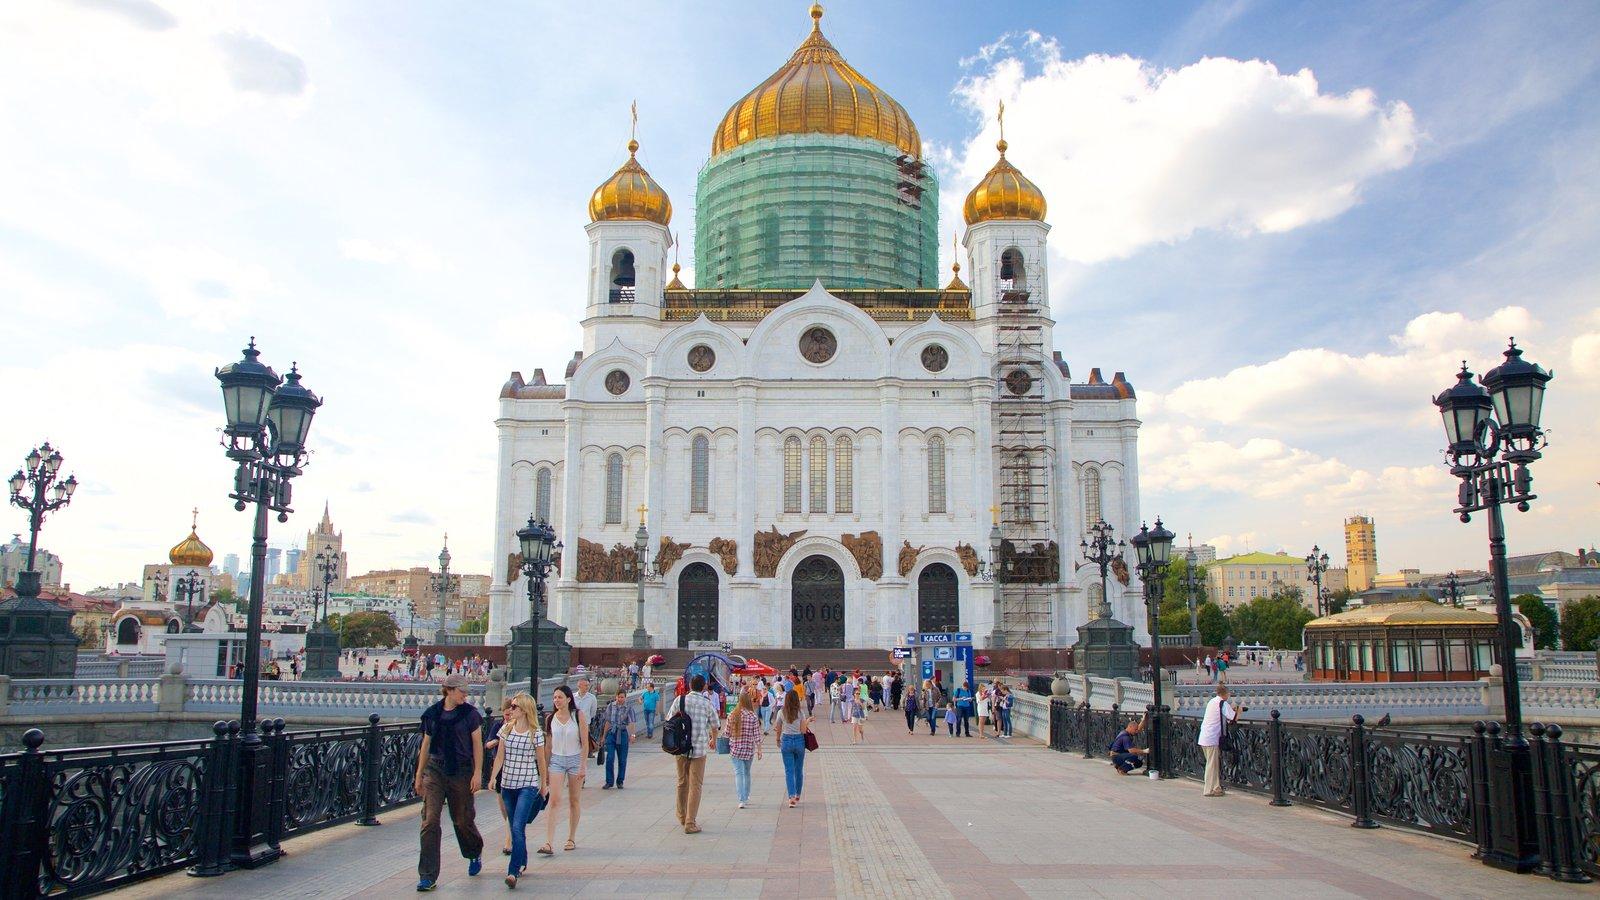 Catedral de Cristo Salvador caracterizando arquitetura de patrimônio assim como um pequeno grupo de pessoas